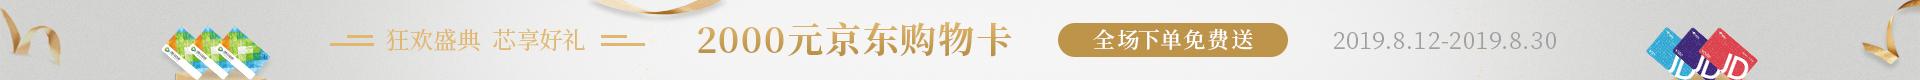 陶瓷滤波器品牌厂家_陶瓷滤波器交易_价格_陶瓷滤波器参数手册-猎芯网